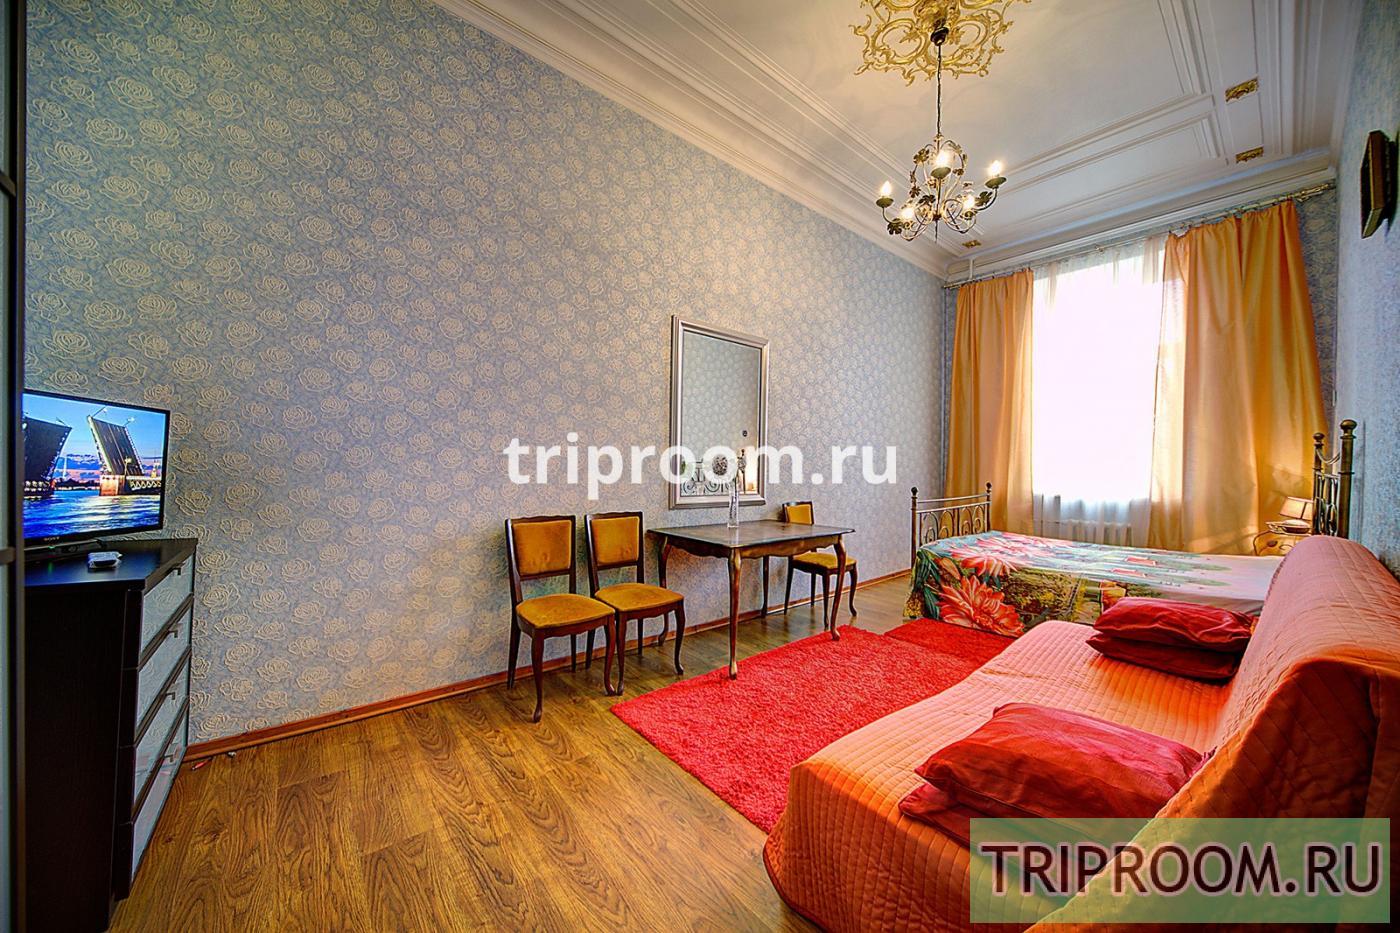 1-комнатная квартира посуточно (вариант № 15424), ул. Итальянская улица, фото № 7